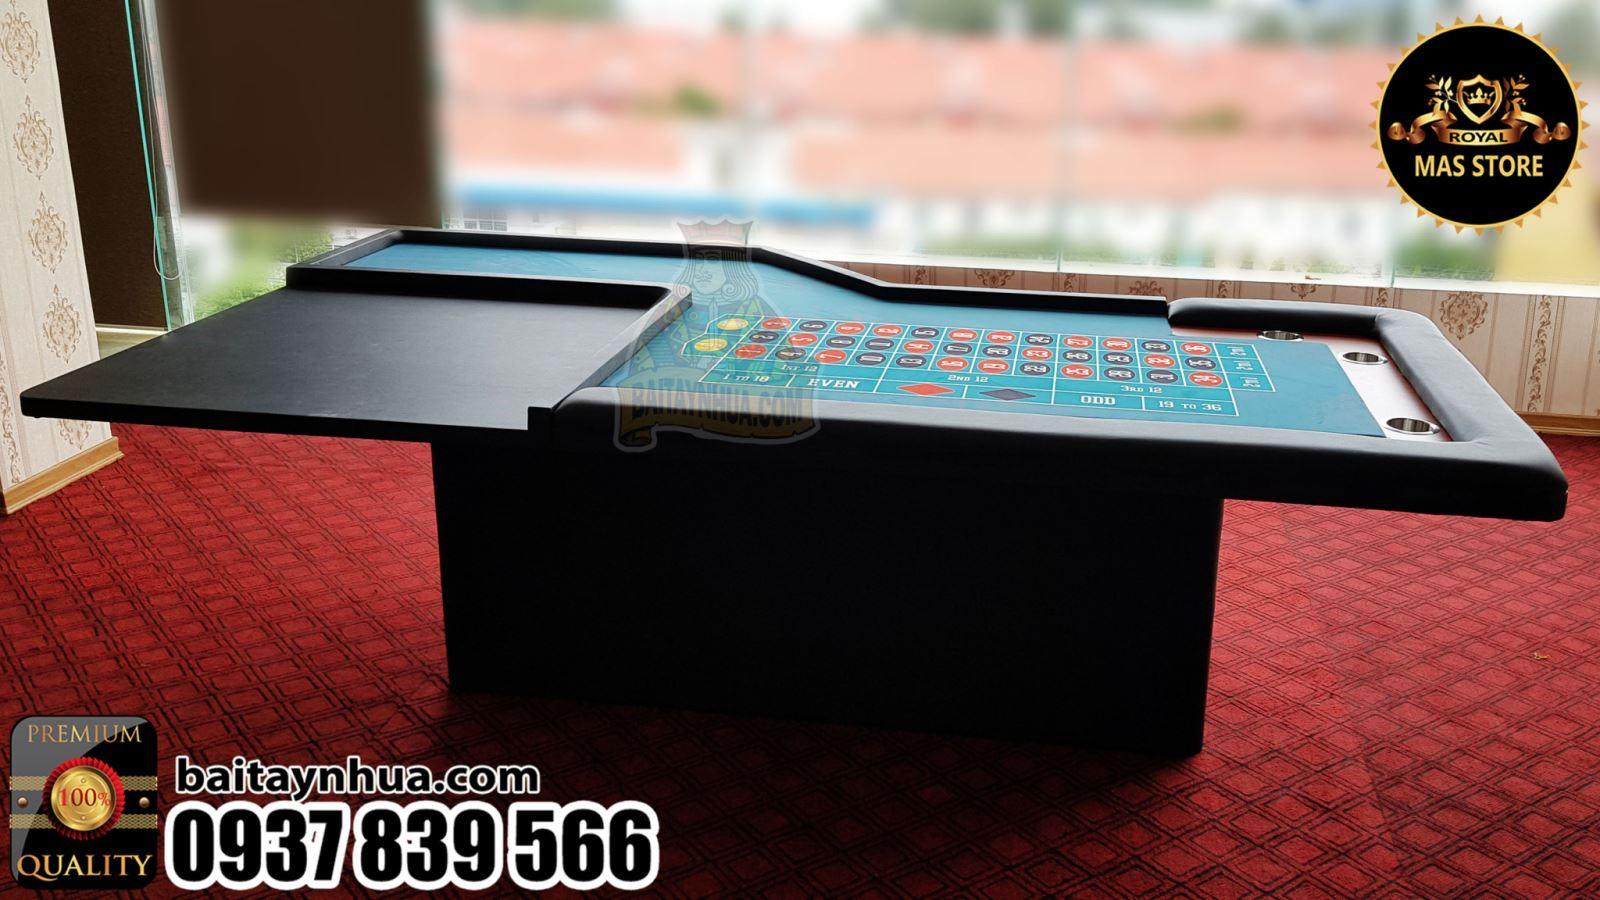 Bàn Roulette Chuẩn Casino Gỗ Cao Cấp